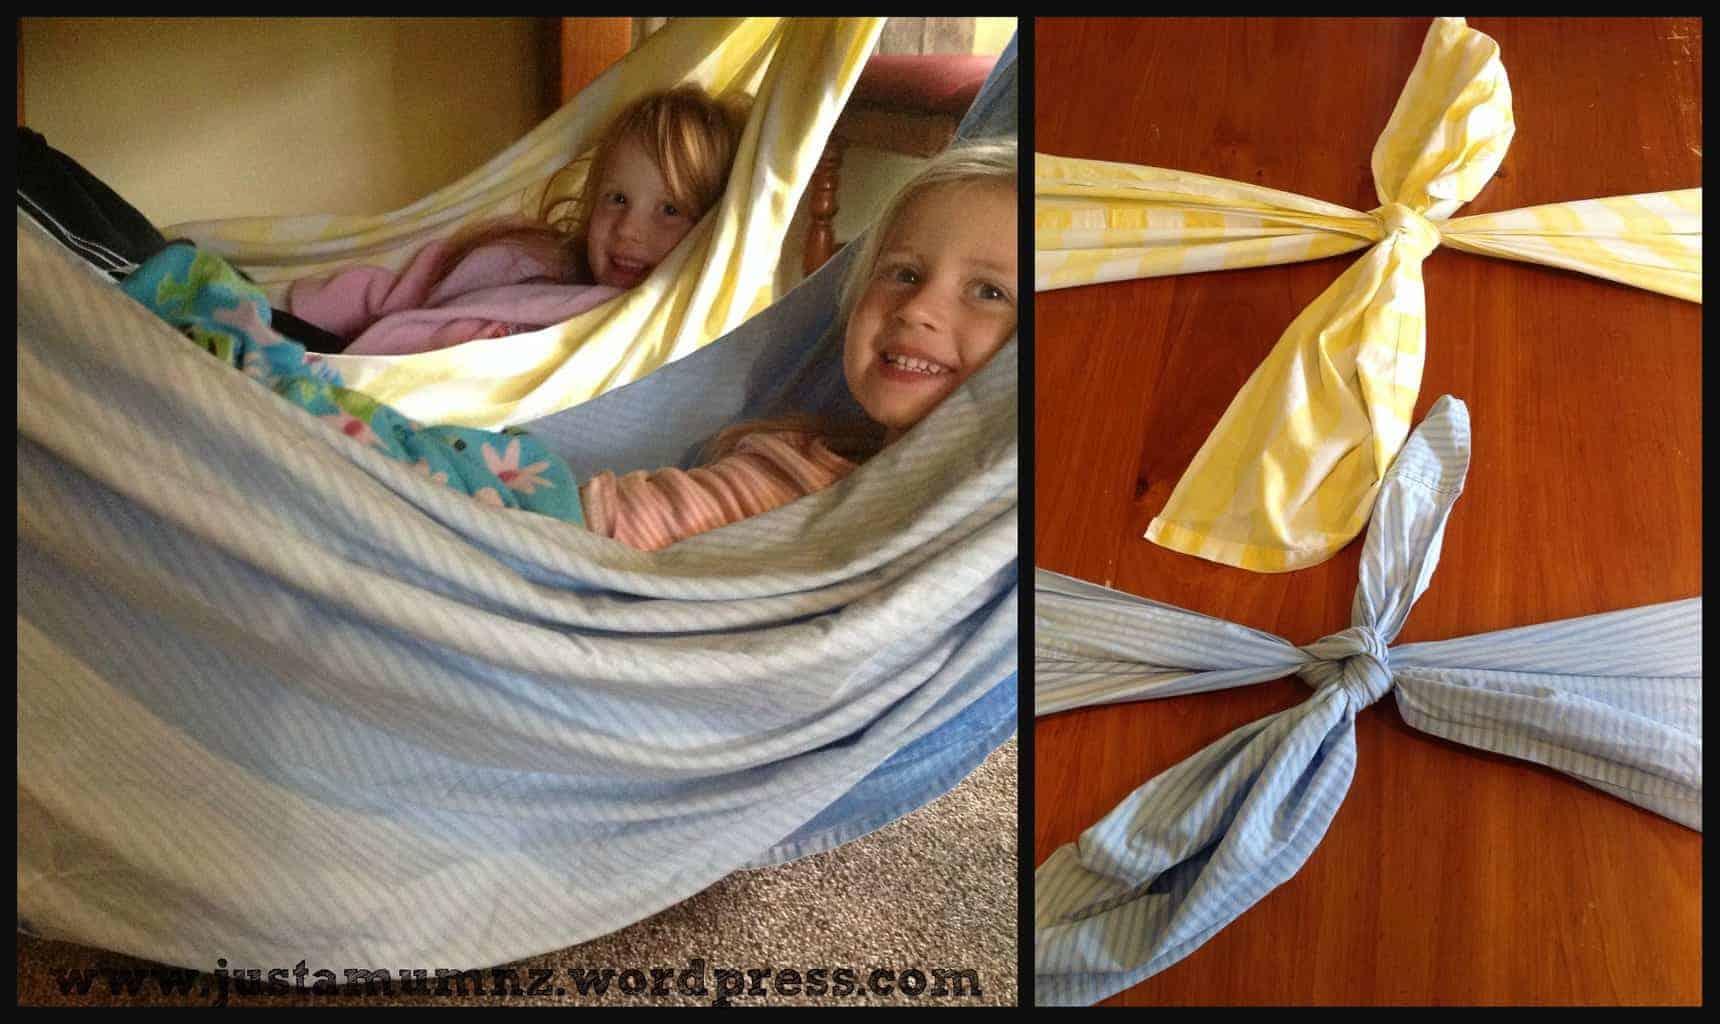 table hammocks 2 table hammocks  u2013 simple fun for kids  u2013 just a mum  rh   justamumnz